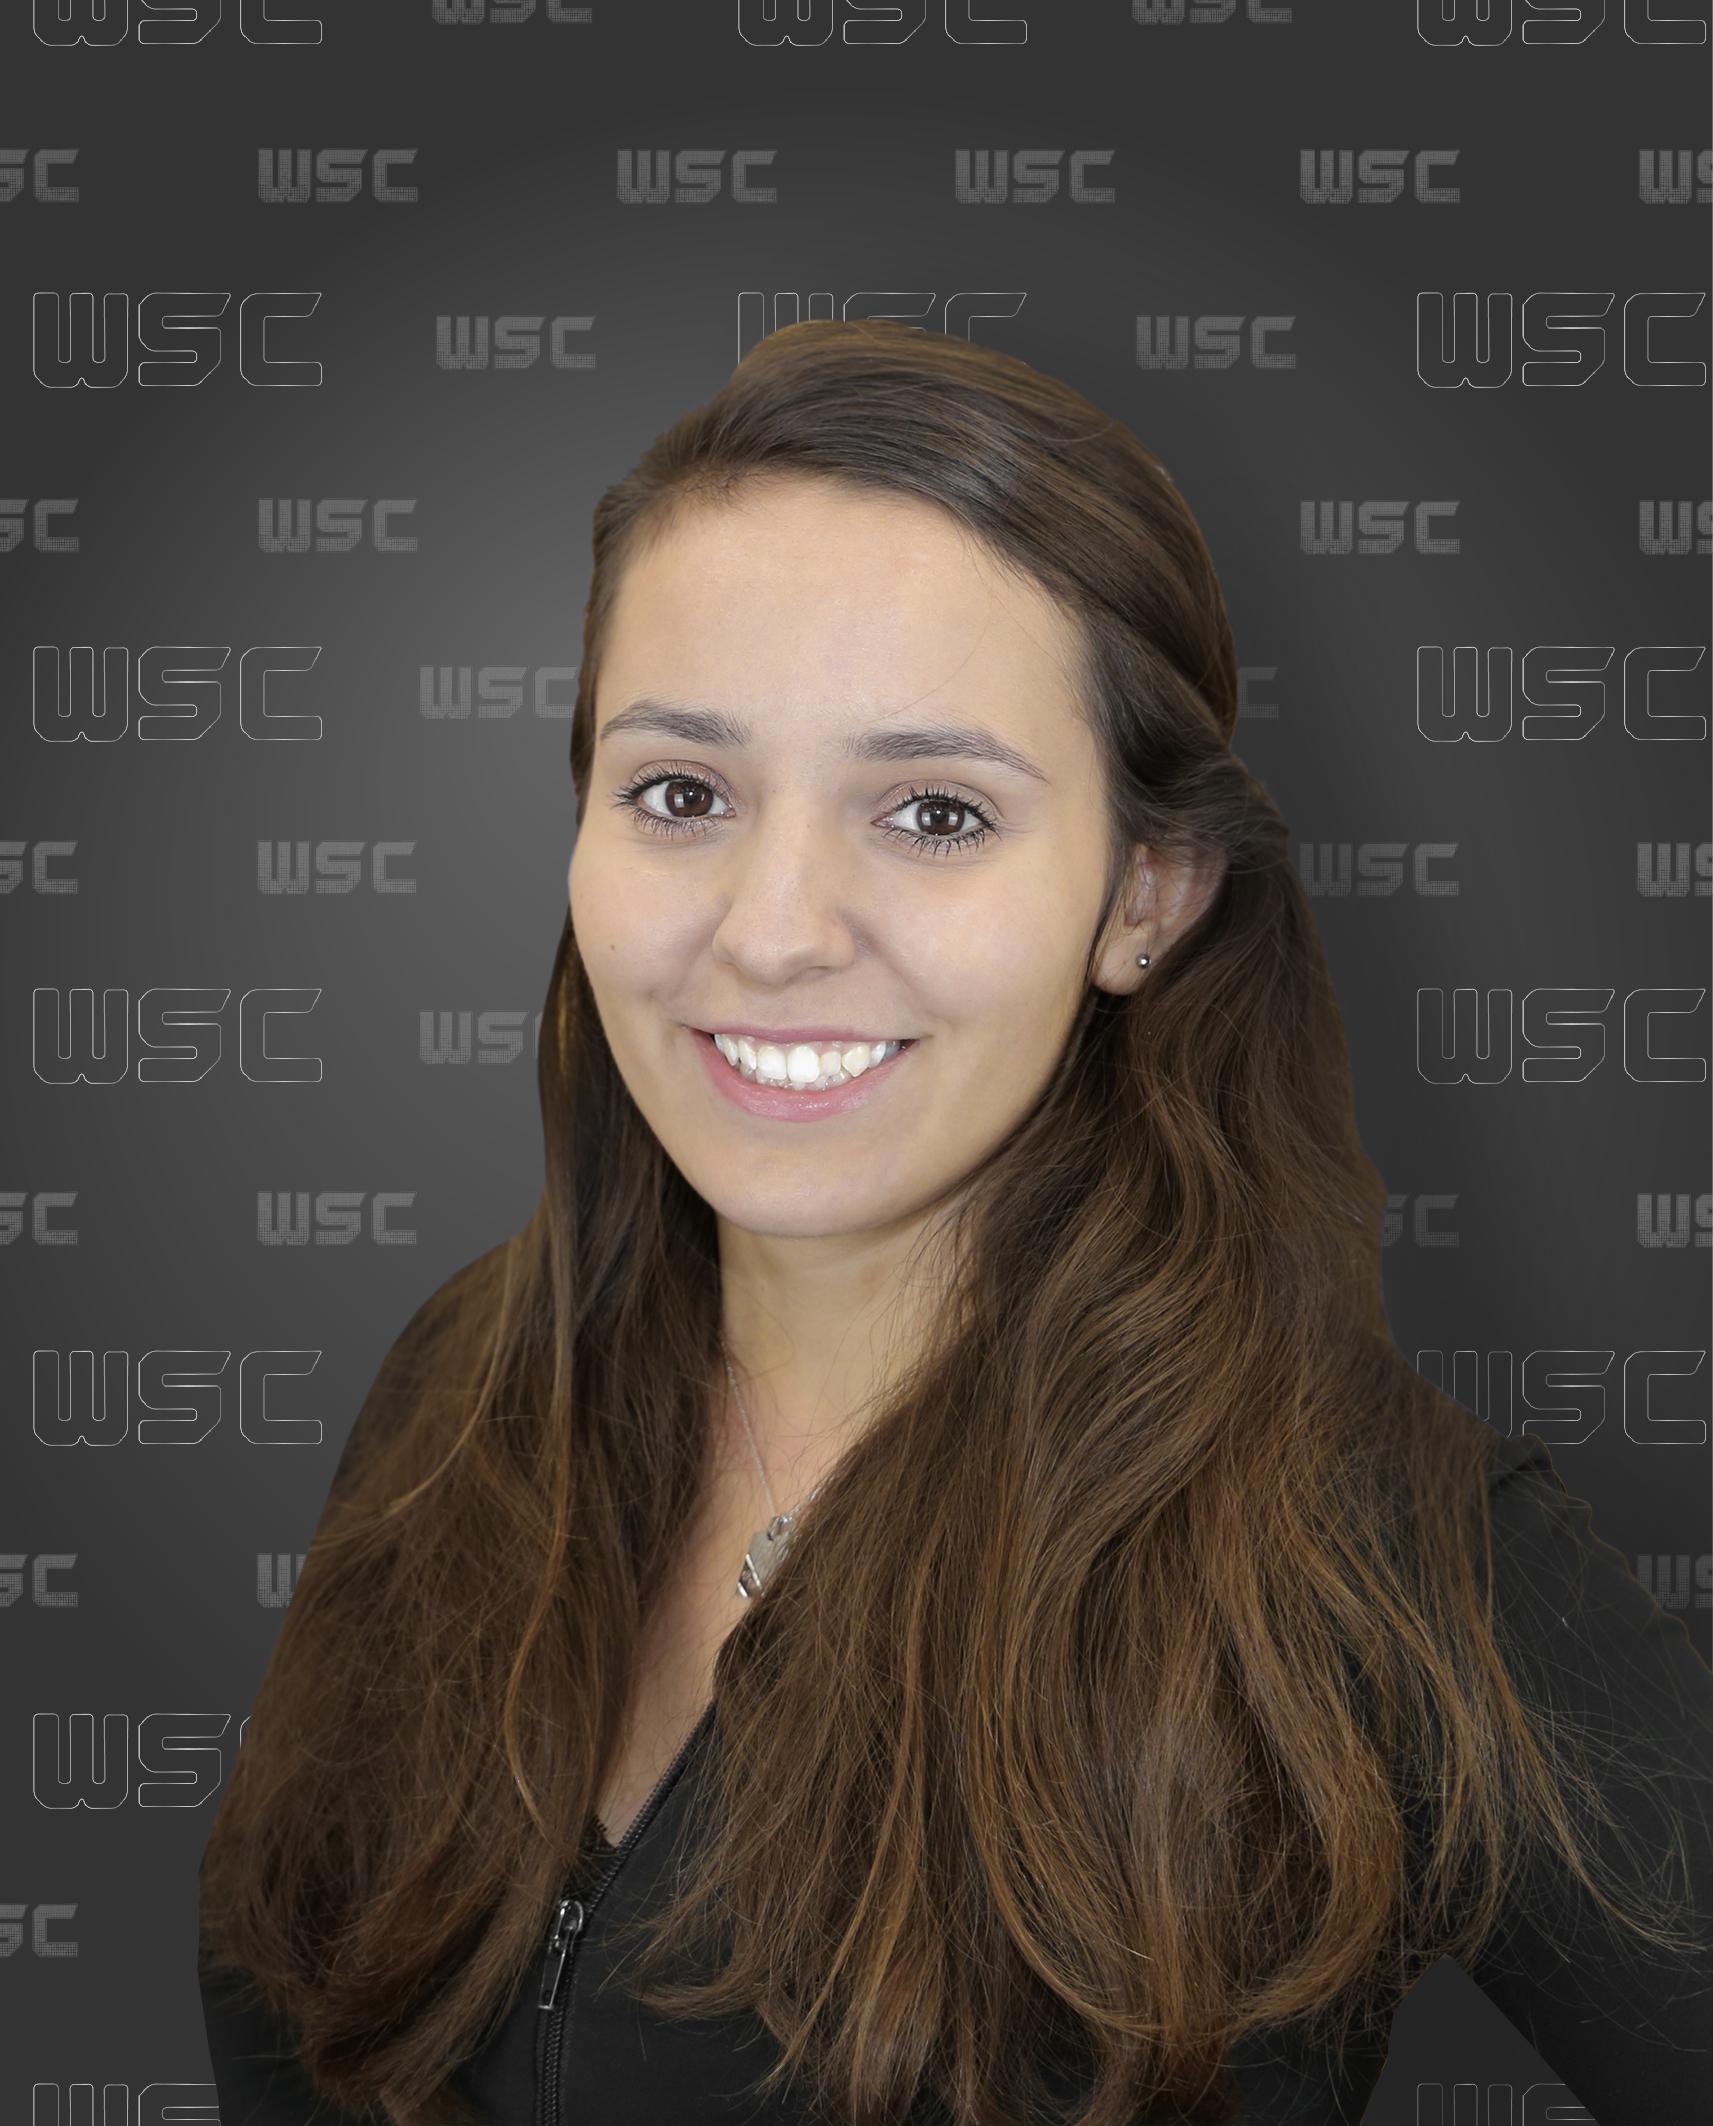 WSC Coaching Staff: Maristella Loi